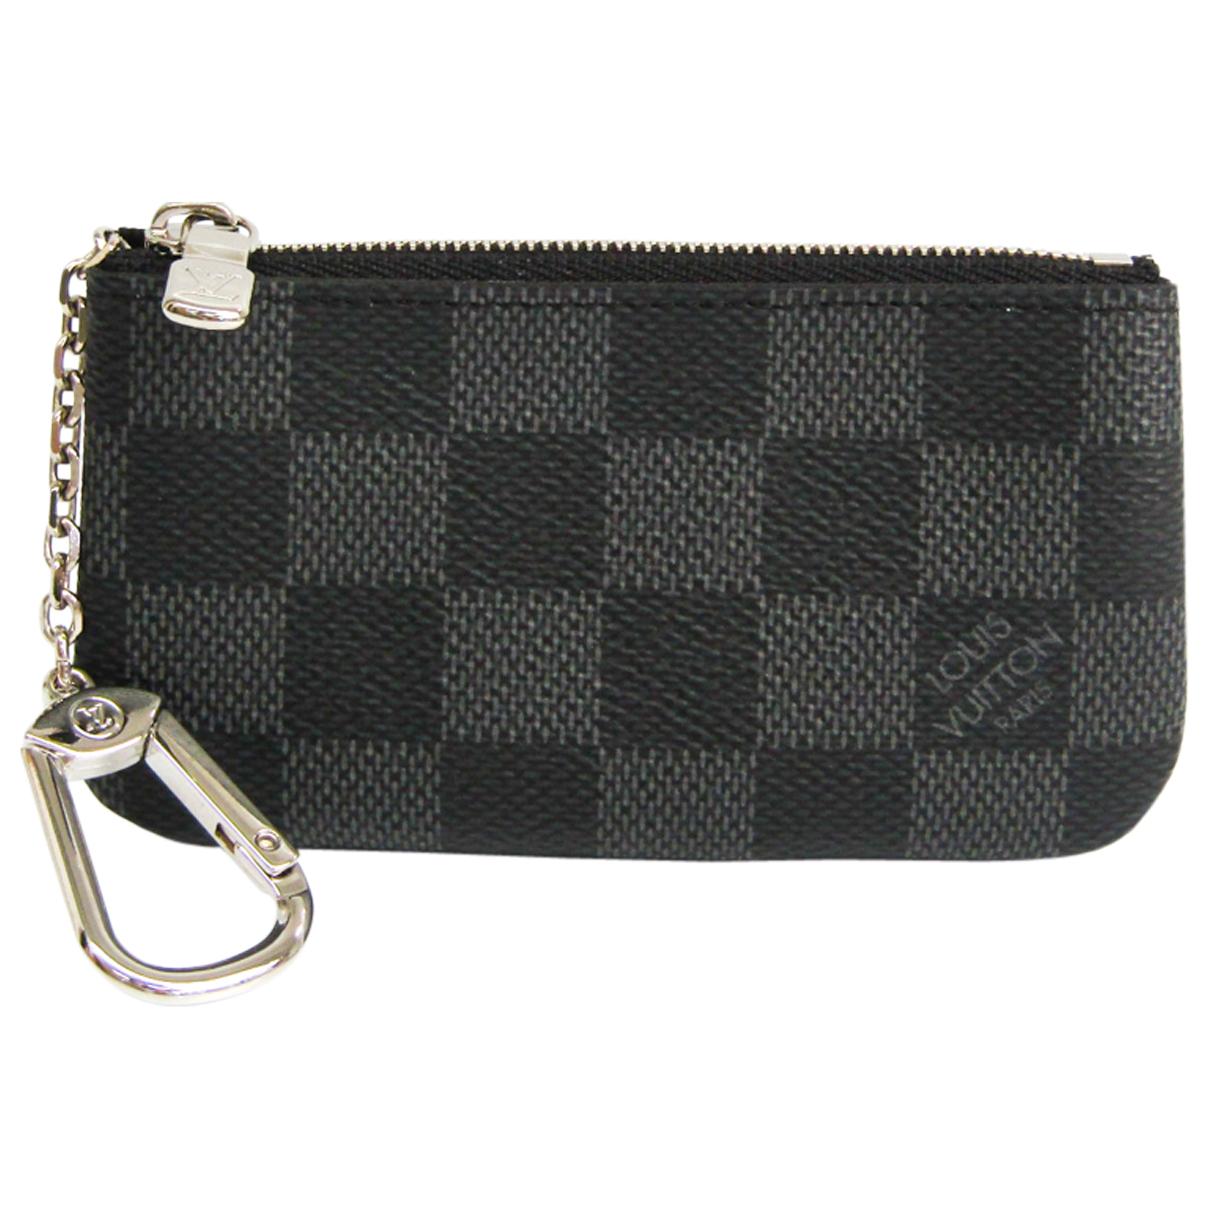 Louis Vuitton - Portefeuille   pour femme en toile - anthracite